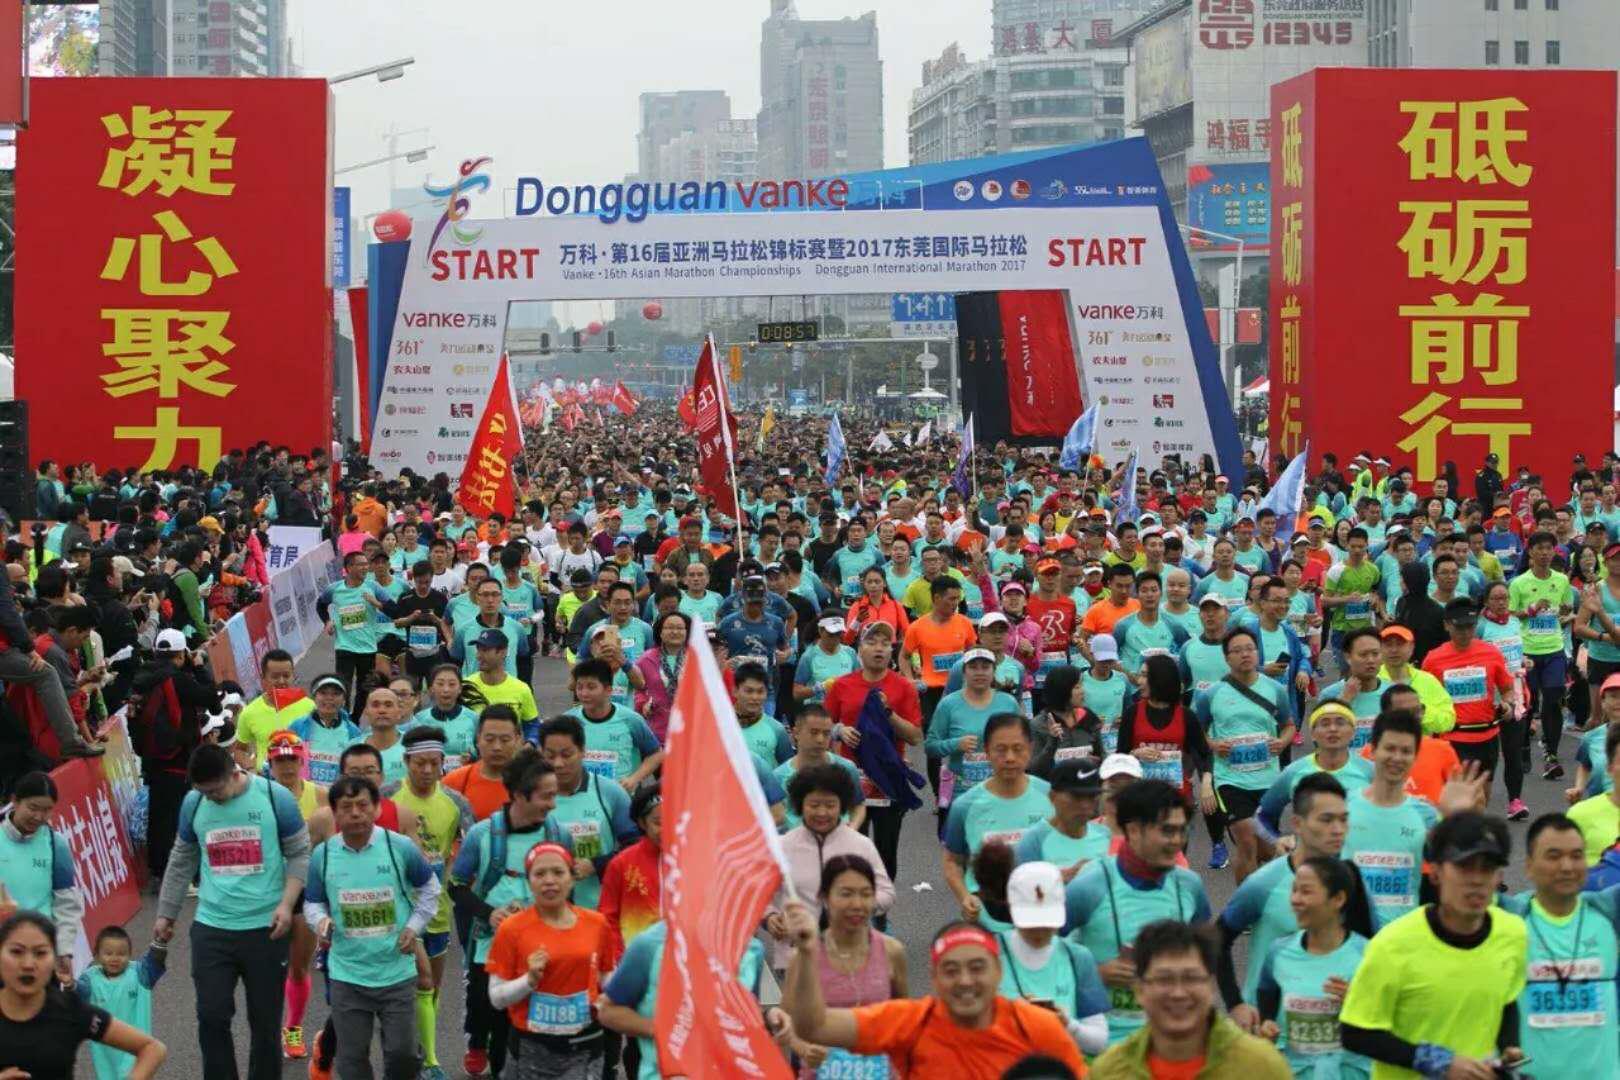 第16届亚锦赛在东莞举办 中国马拉松产业发展与竞技水平共同进步